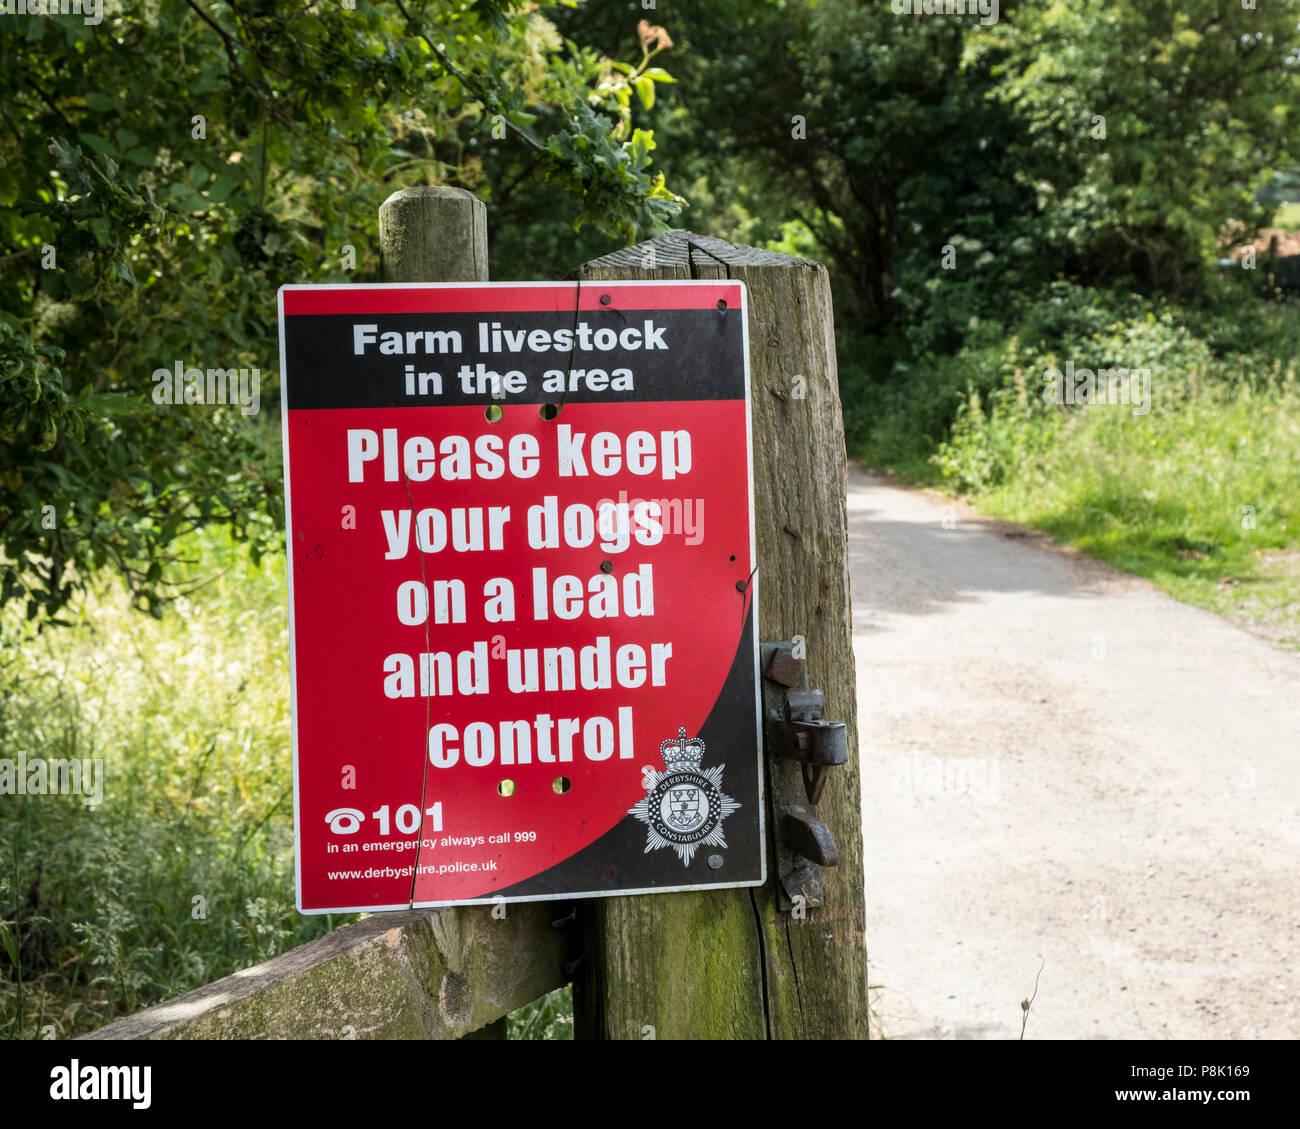 Signo de ganado de granja. Notificación solicitando gente 'Por favor mantenga sus perros a plomo y bajo control', Derbyshire, Inglaterra, Reino Unido. Imagen De Stock